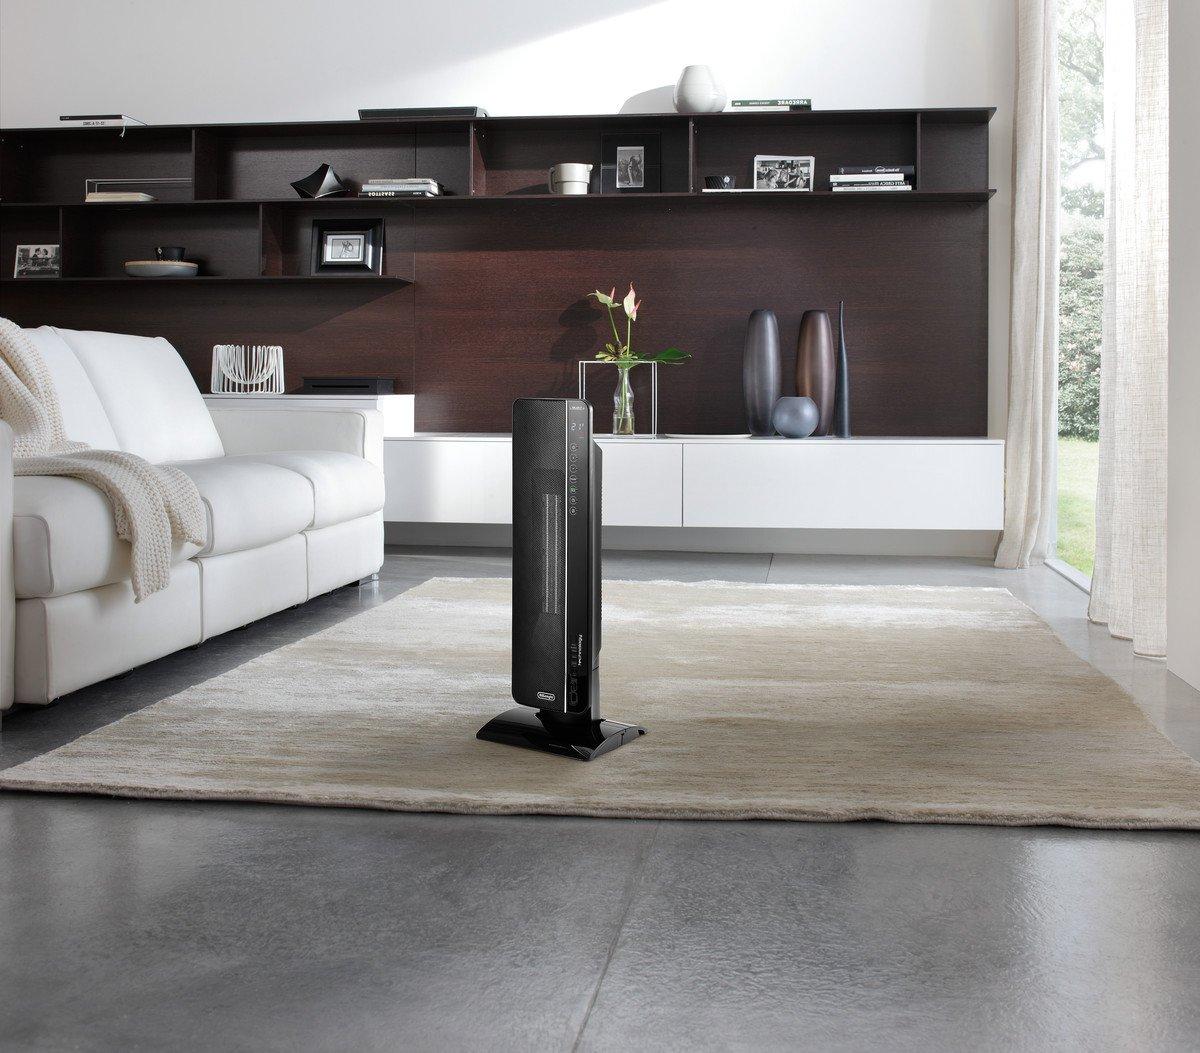 71B7OV5tNOL. SL1200  DeLonghi TCH8993ER BC, termoventilatore ceramico da pavimento da 2400 W